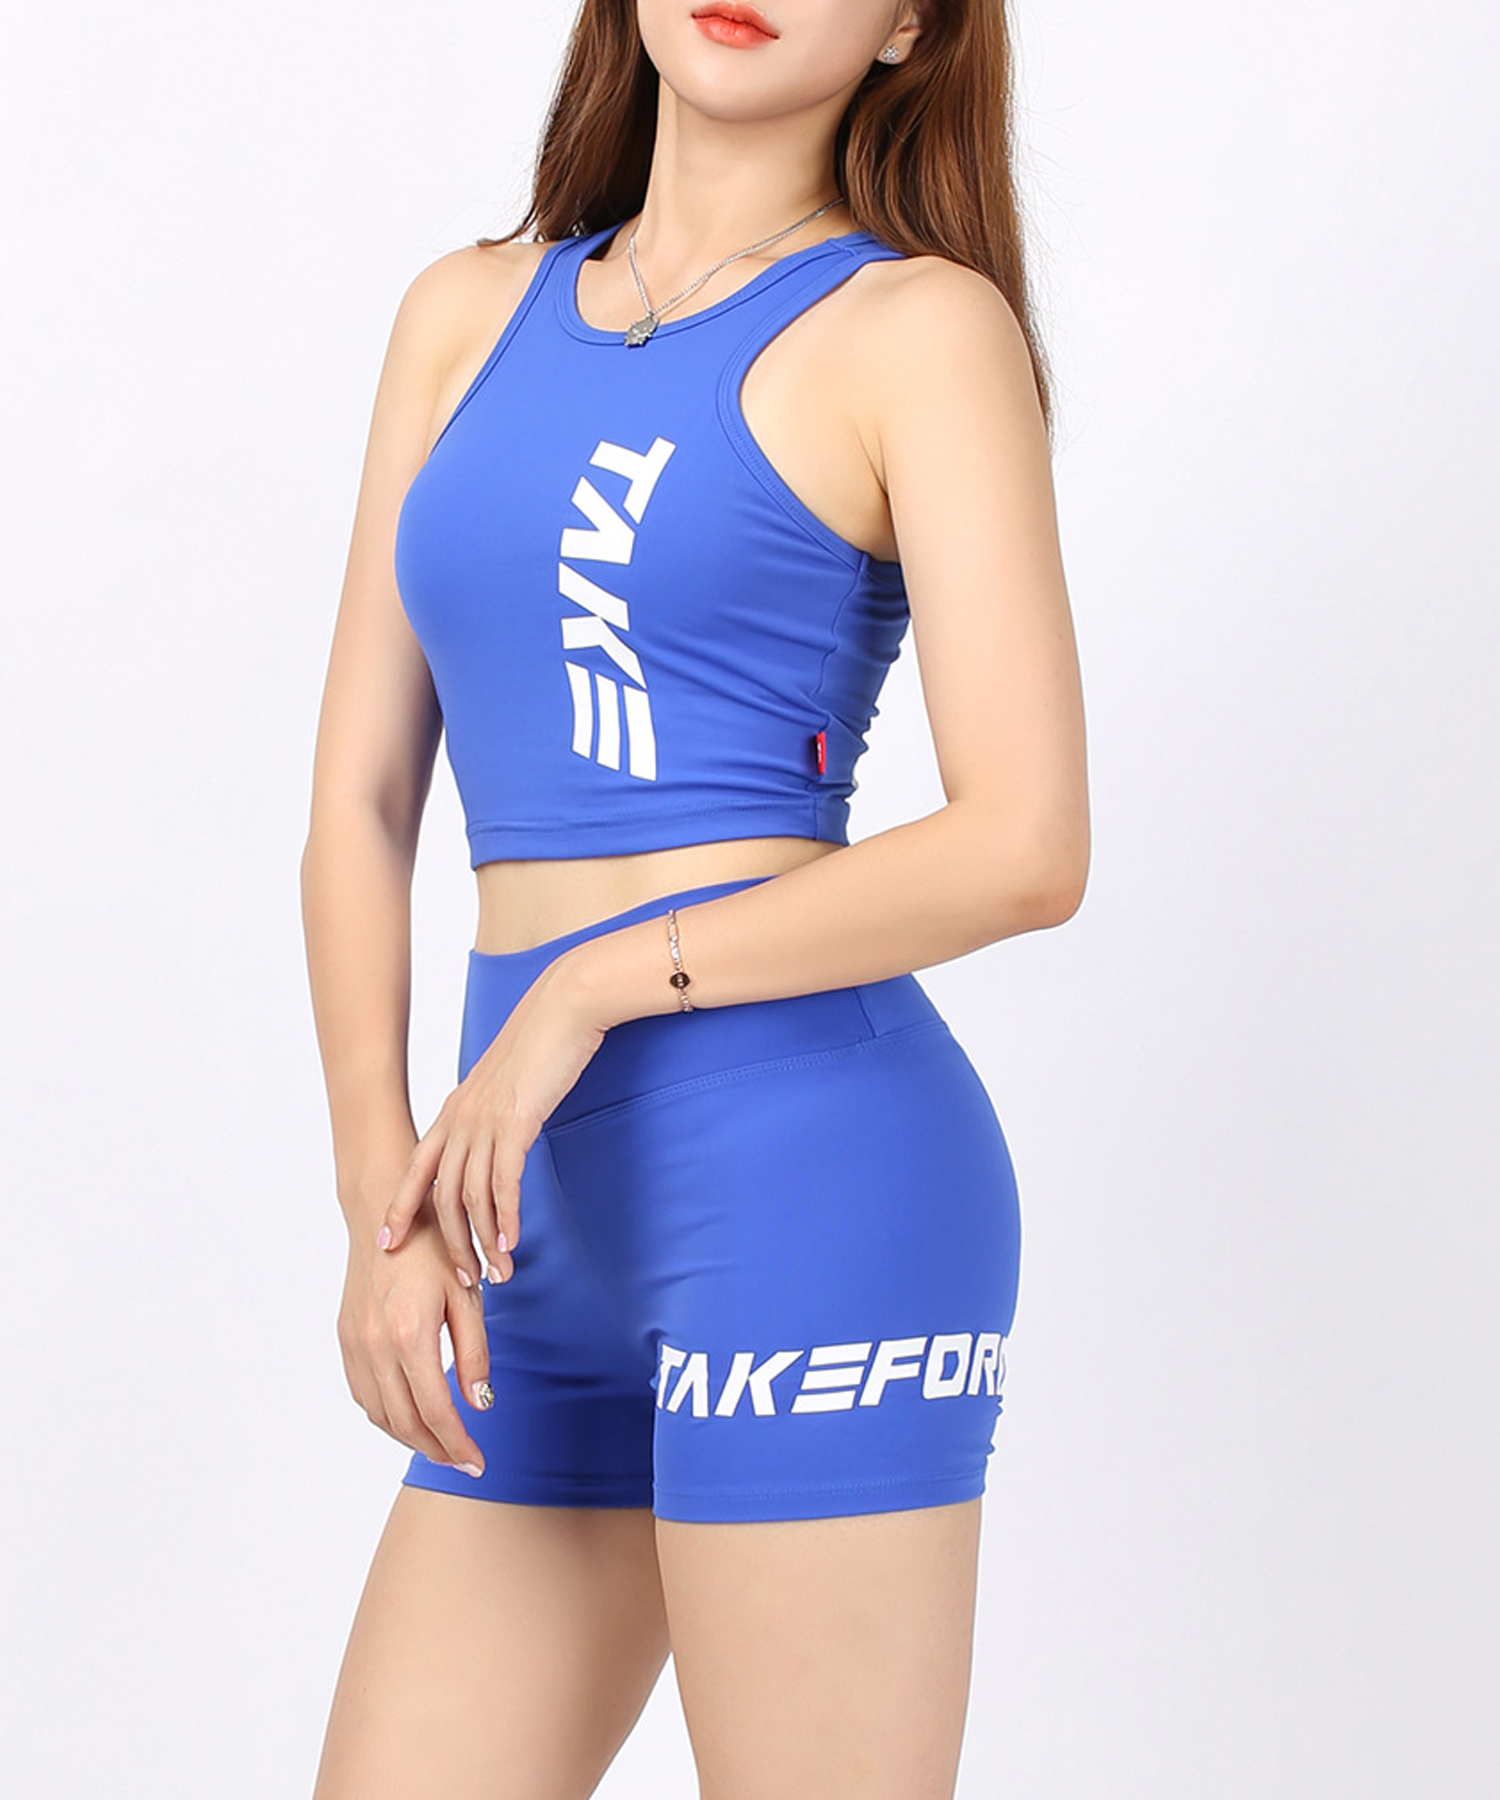 [테이크폼] 스쿼트 팬츠 블루 (여성용)